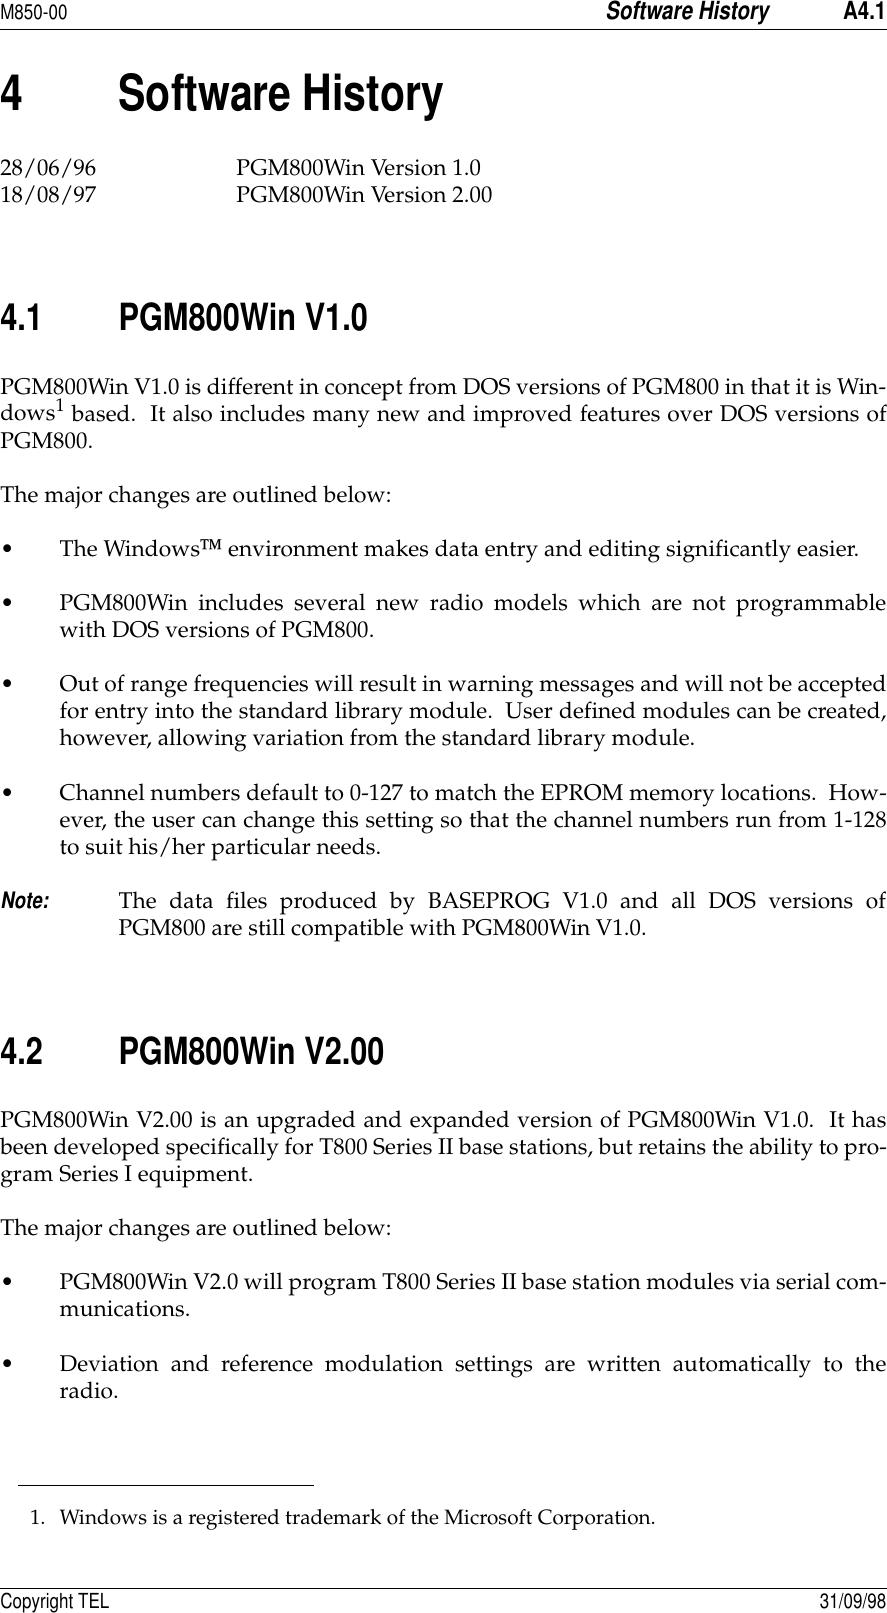 Tait TEL0025 Base Station Transmitter User Manual 8c500 a4 bk